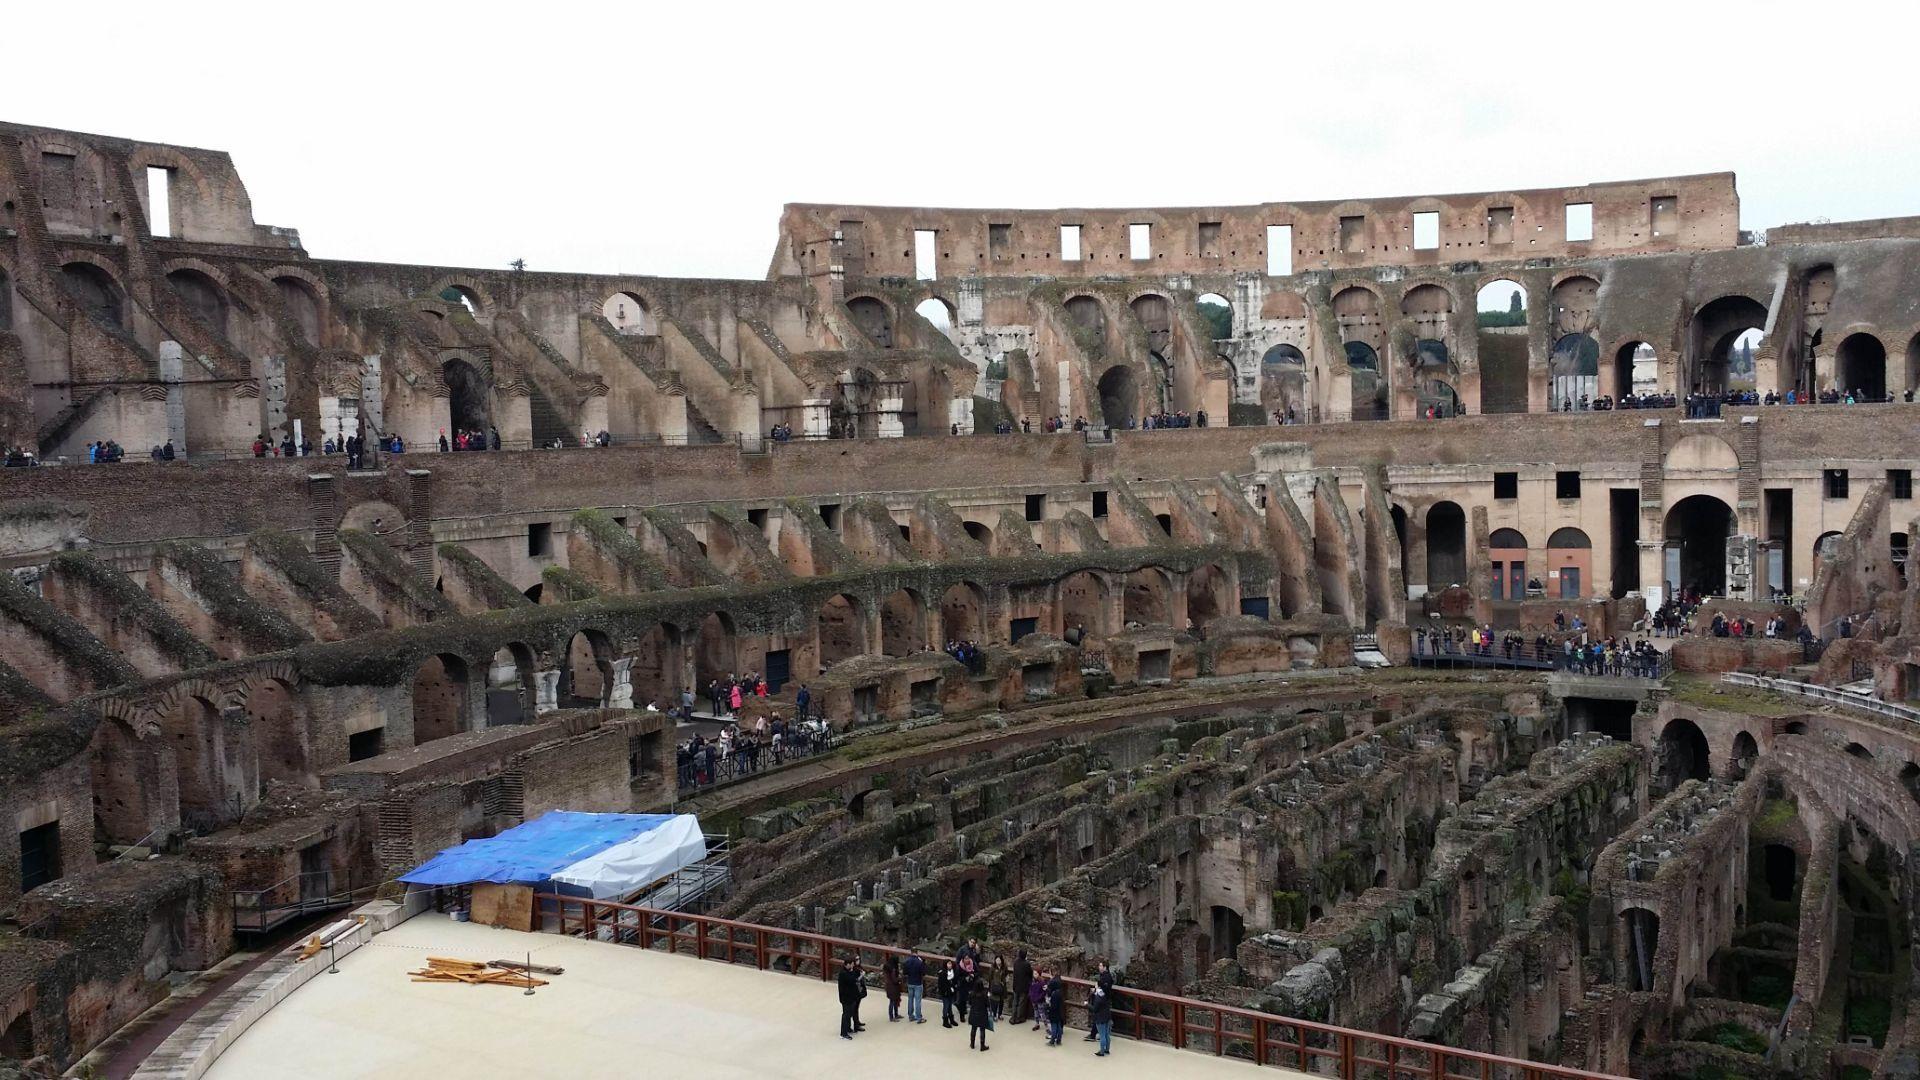 兜售回忆1_罗马古罗马广场攻略,罗马古罗马广场门票/游玩攻略/地址/图片 ...